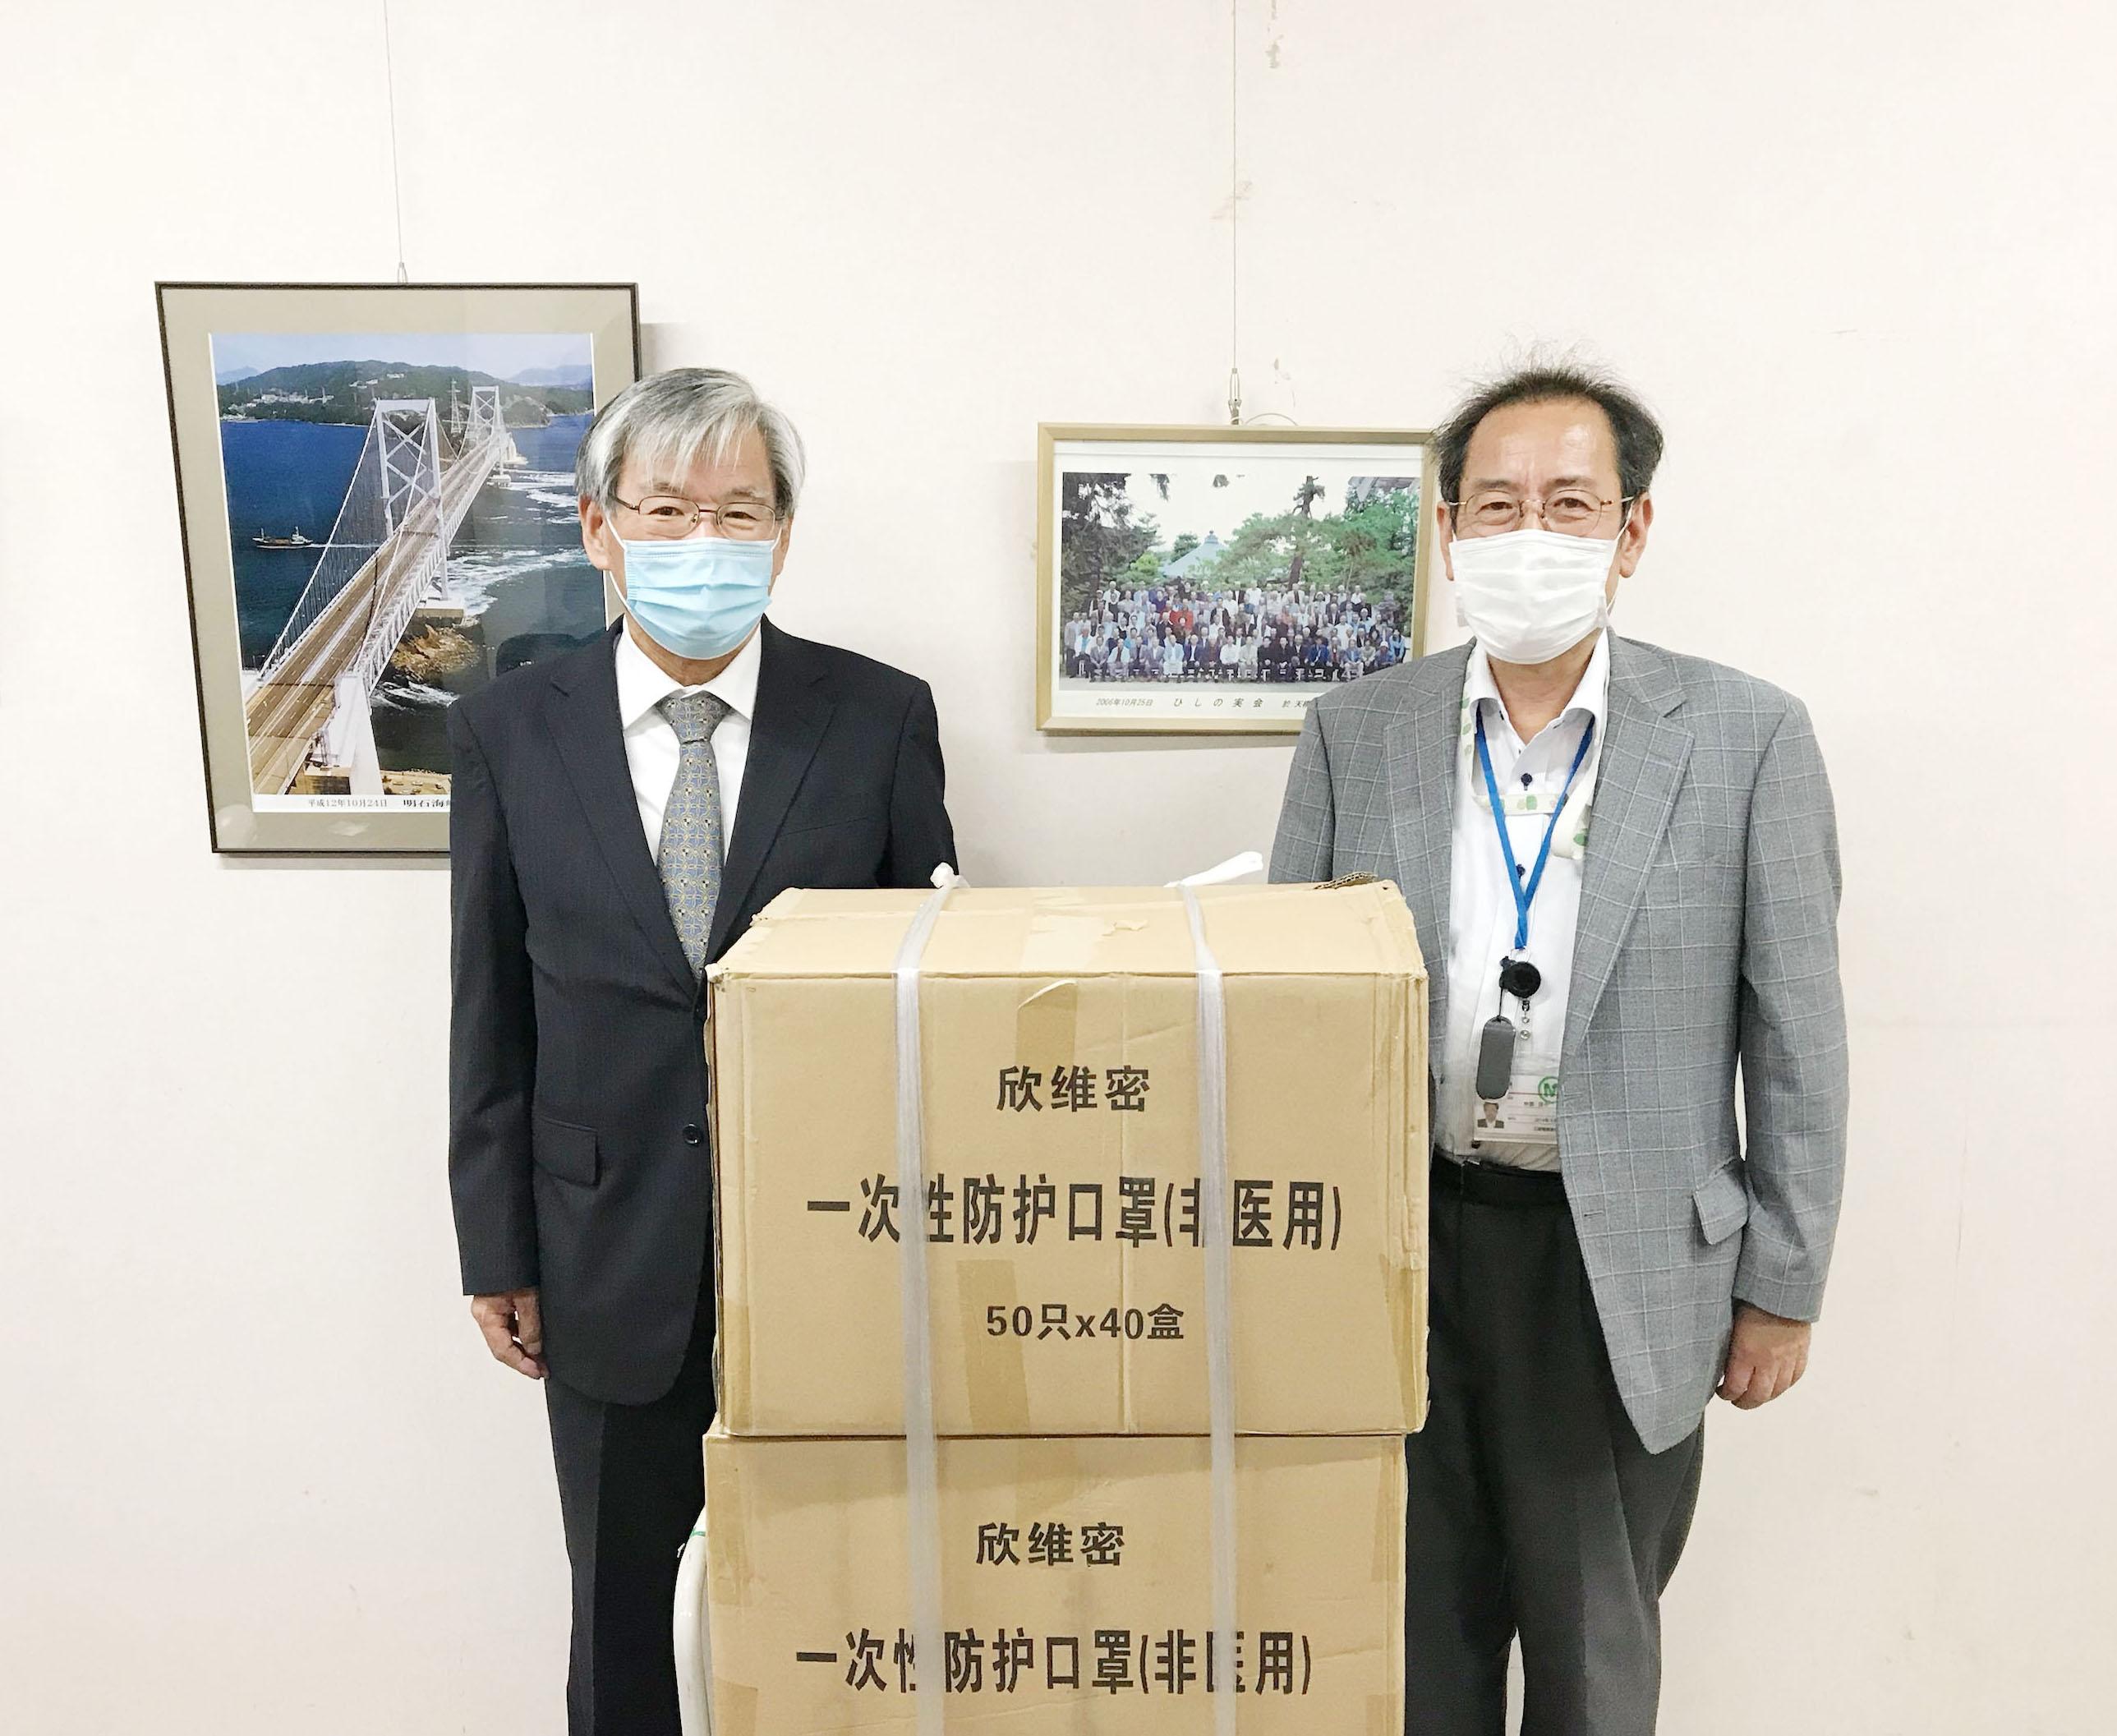 三菱電機株式会社 稲沢製作所様から頂いたマスクの画像です